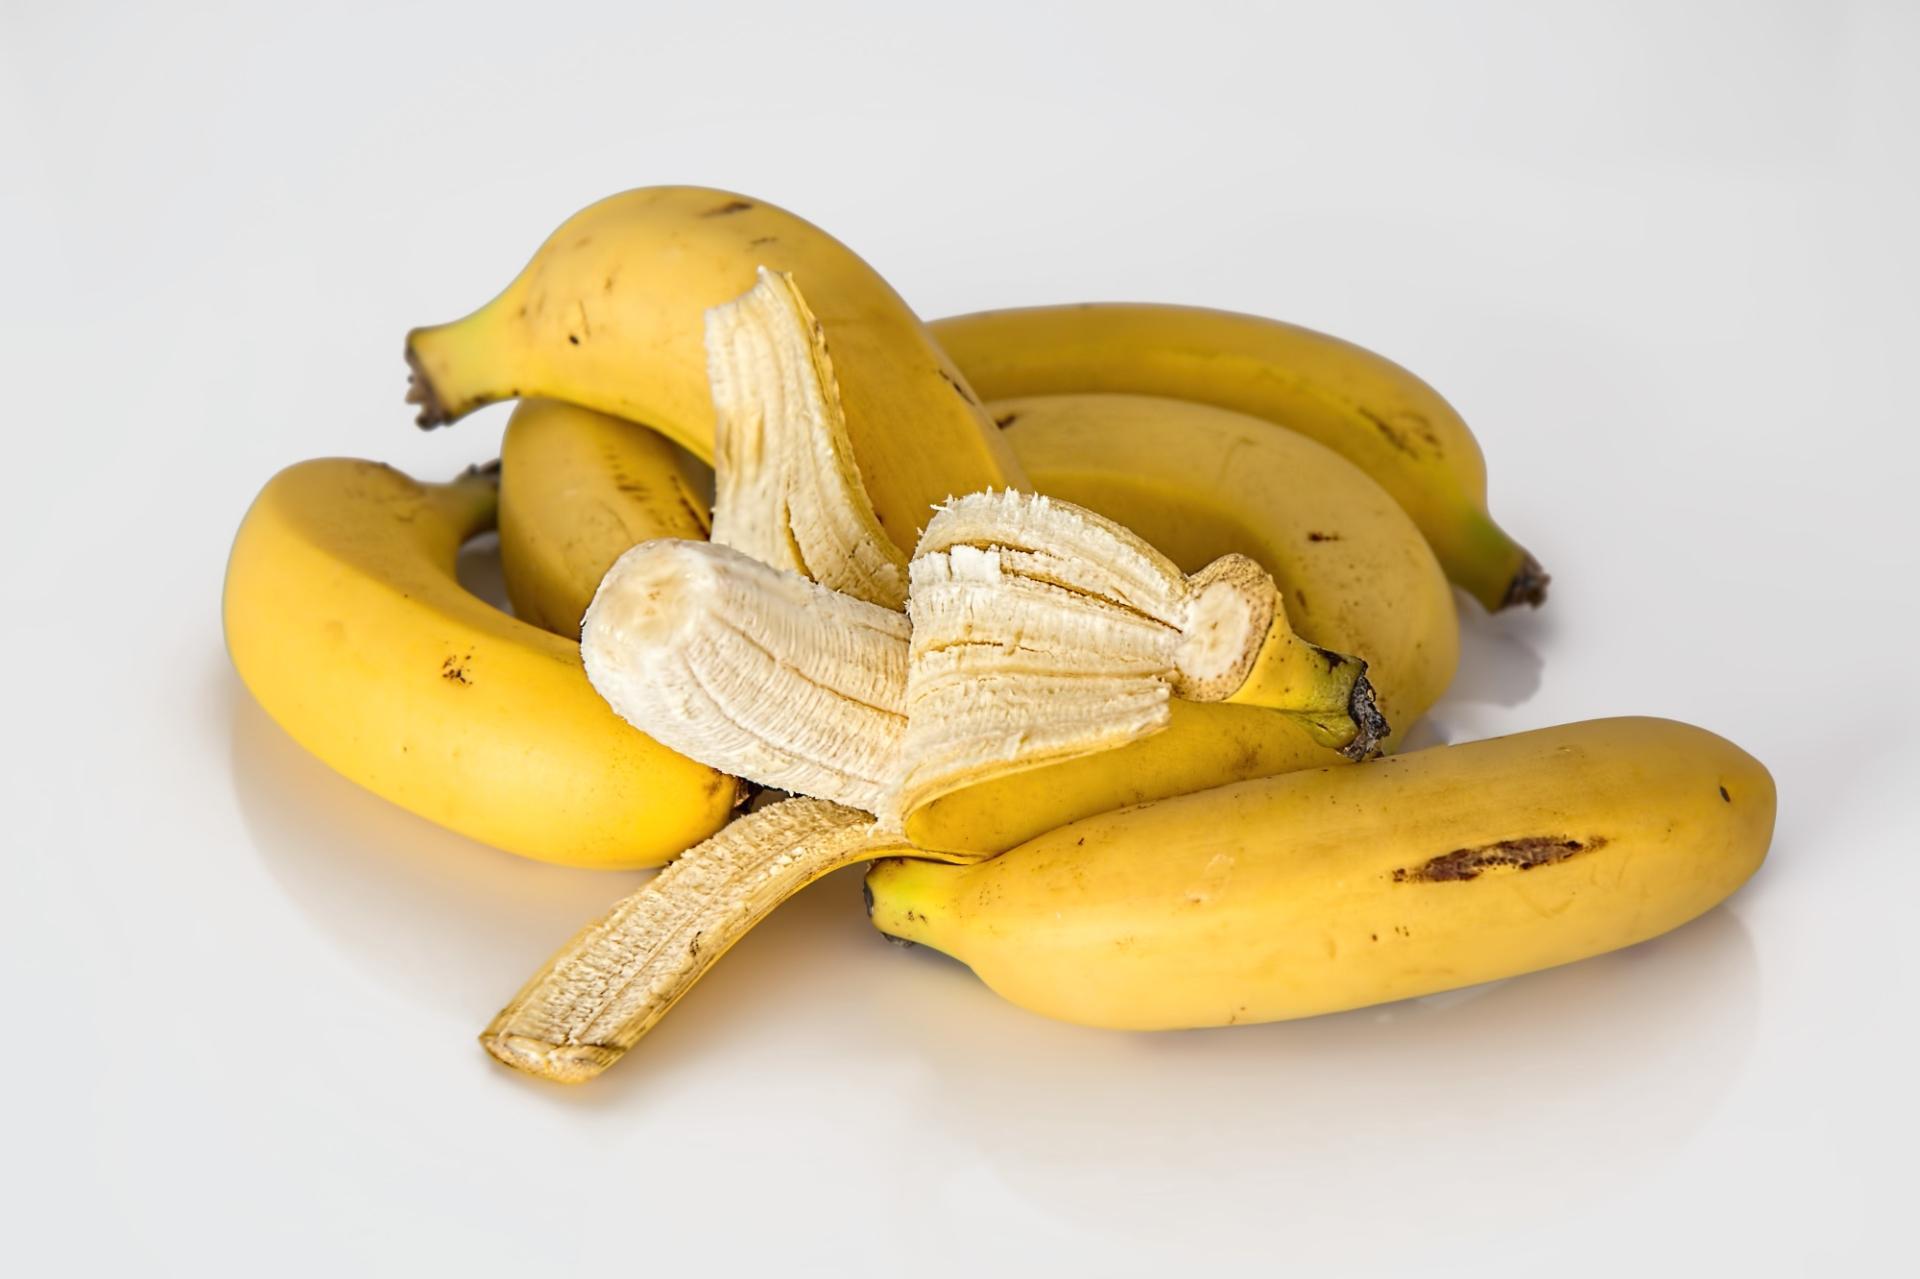 In Giappone la buccia di banana si mangia… ed è buonissima